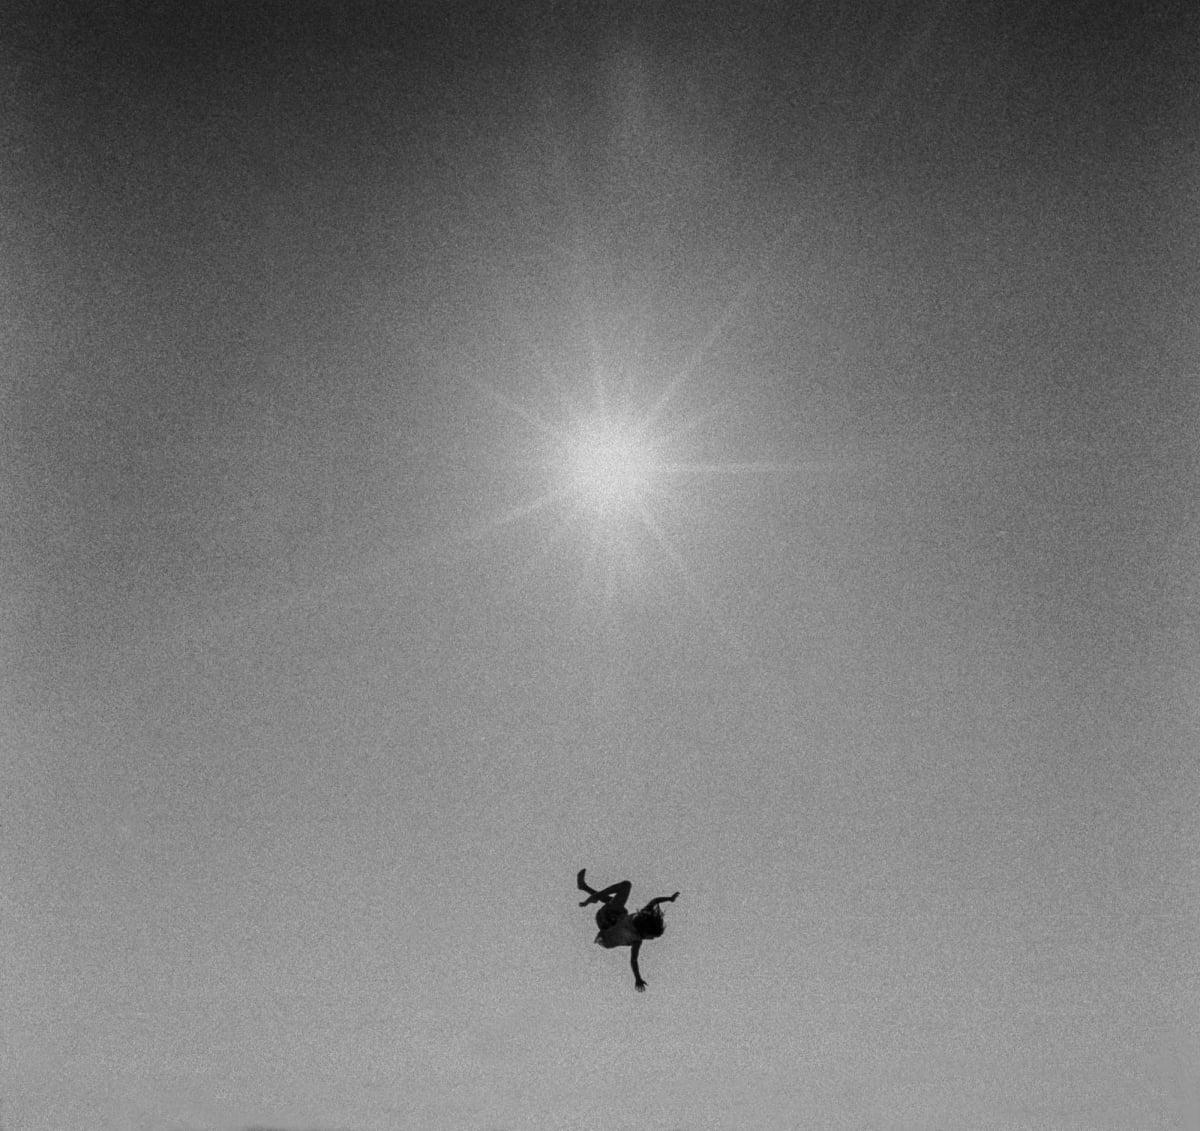 Adger Cowans Icarus, 1970 Canon pigment print